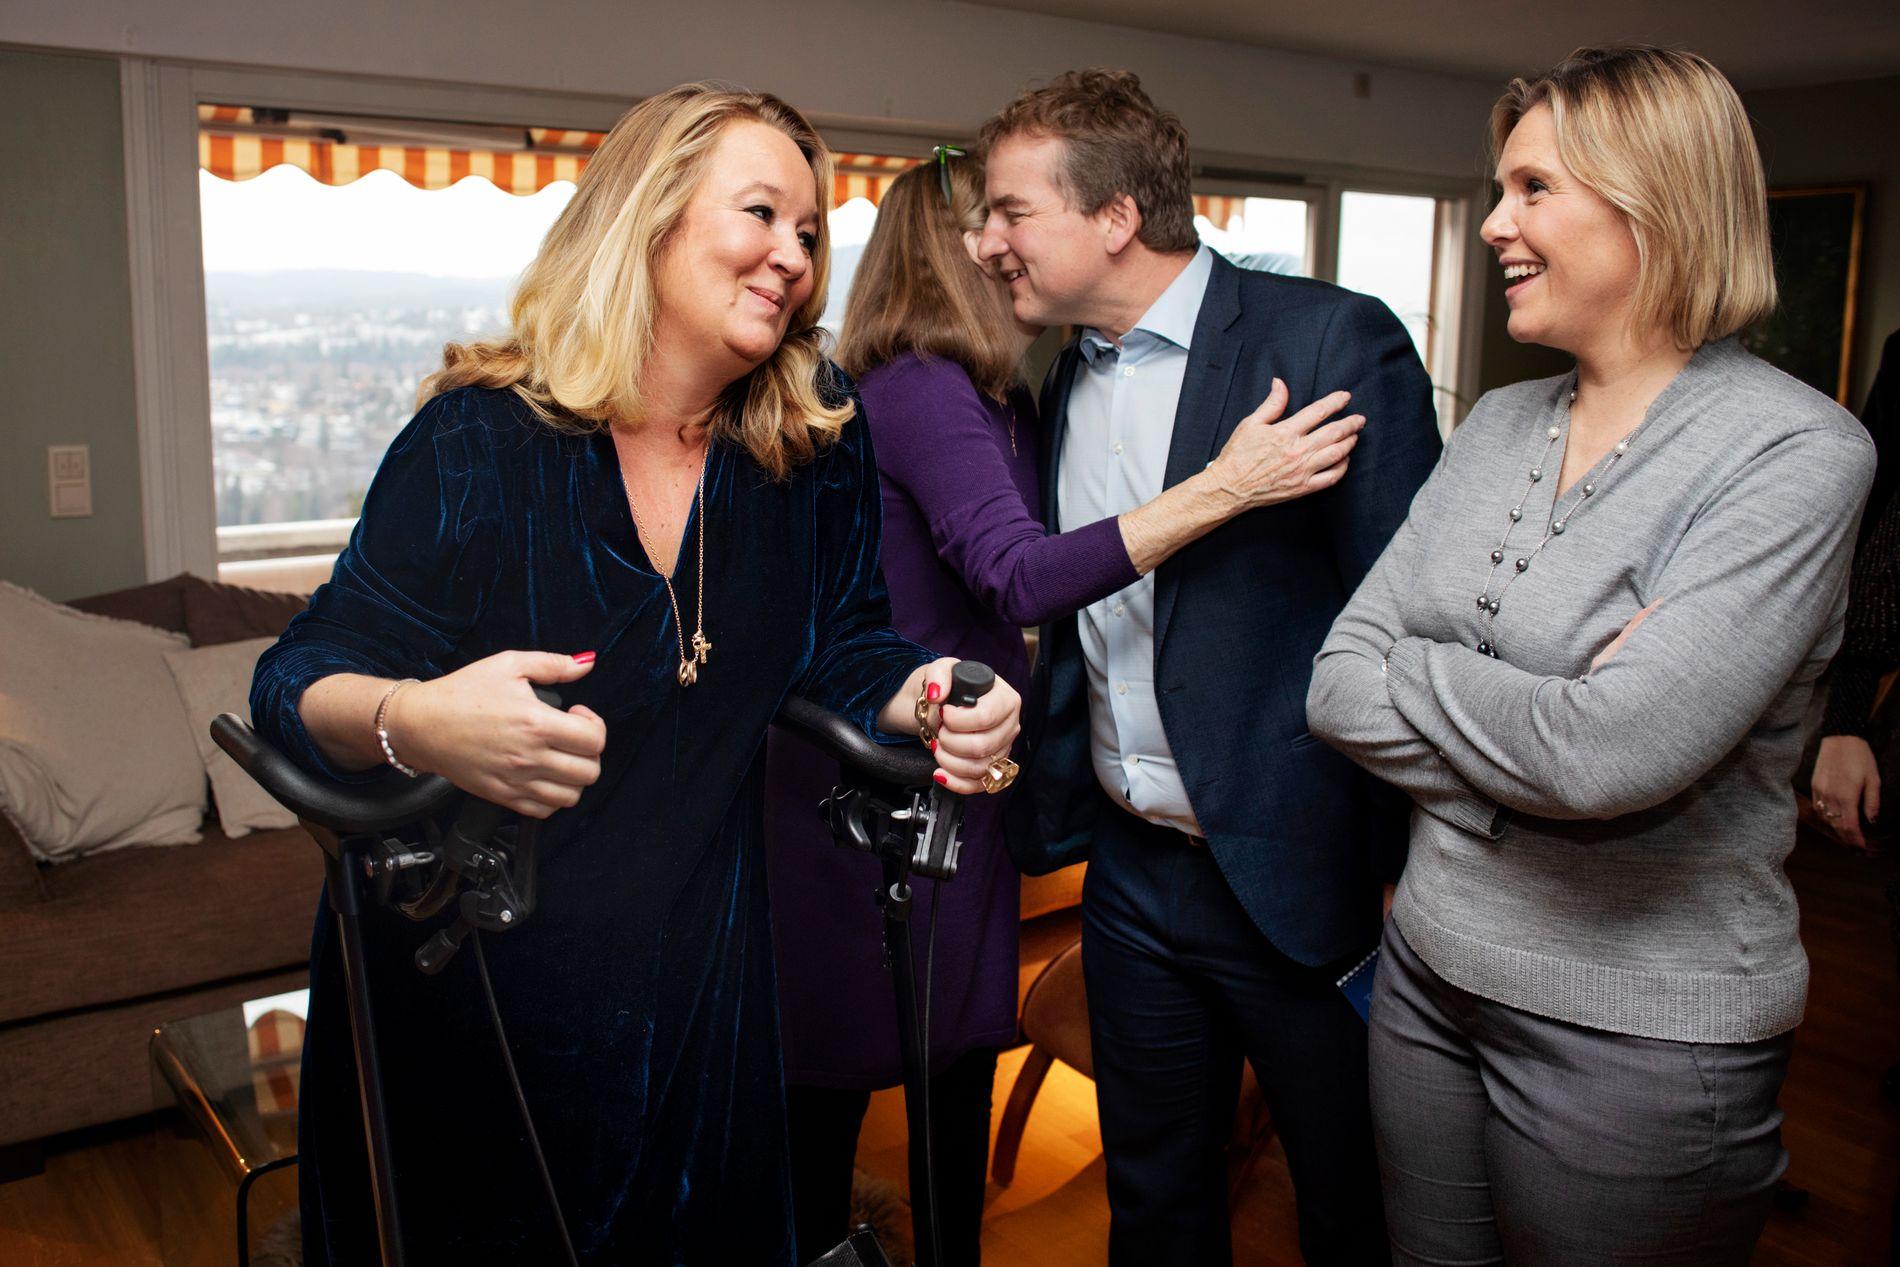 GJENNOMSLAG: Sylvi Listhaug (Frp) overrekker den gode nyheten til Cathrine Nordstrand (til venstre). Nå kan hun søke om behandlingsreise til utlandet. Bak dem gir Høyre-politiker Sveinung Stensland Cathrines mor, Didi Rosted, en klem.